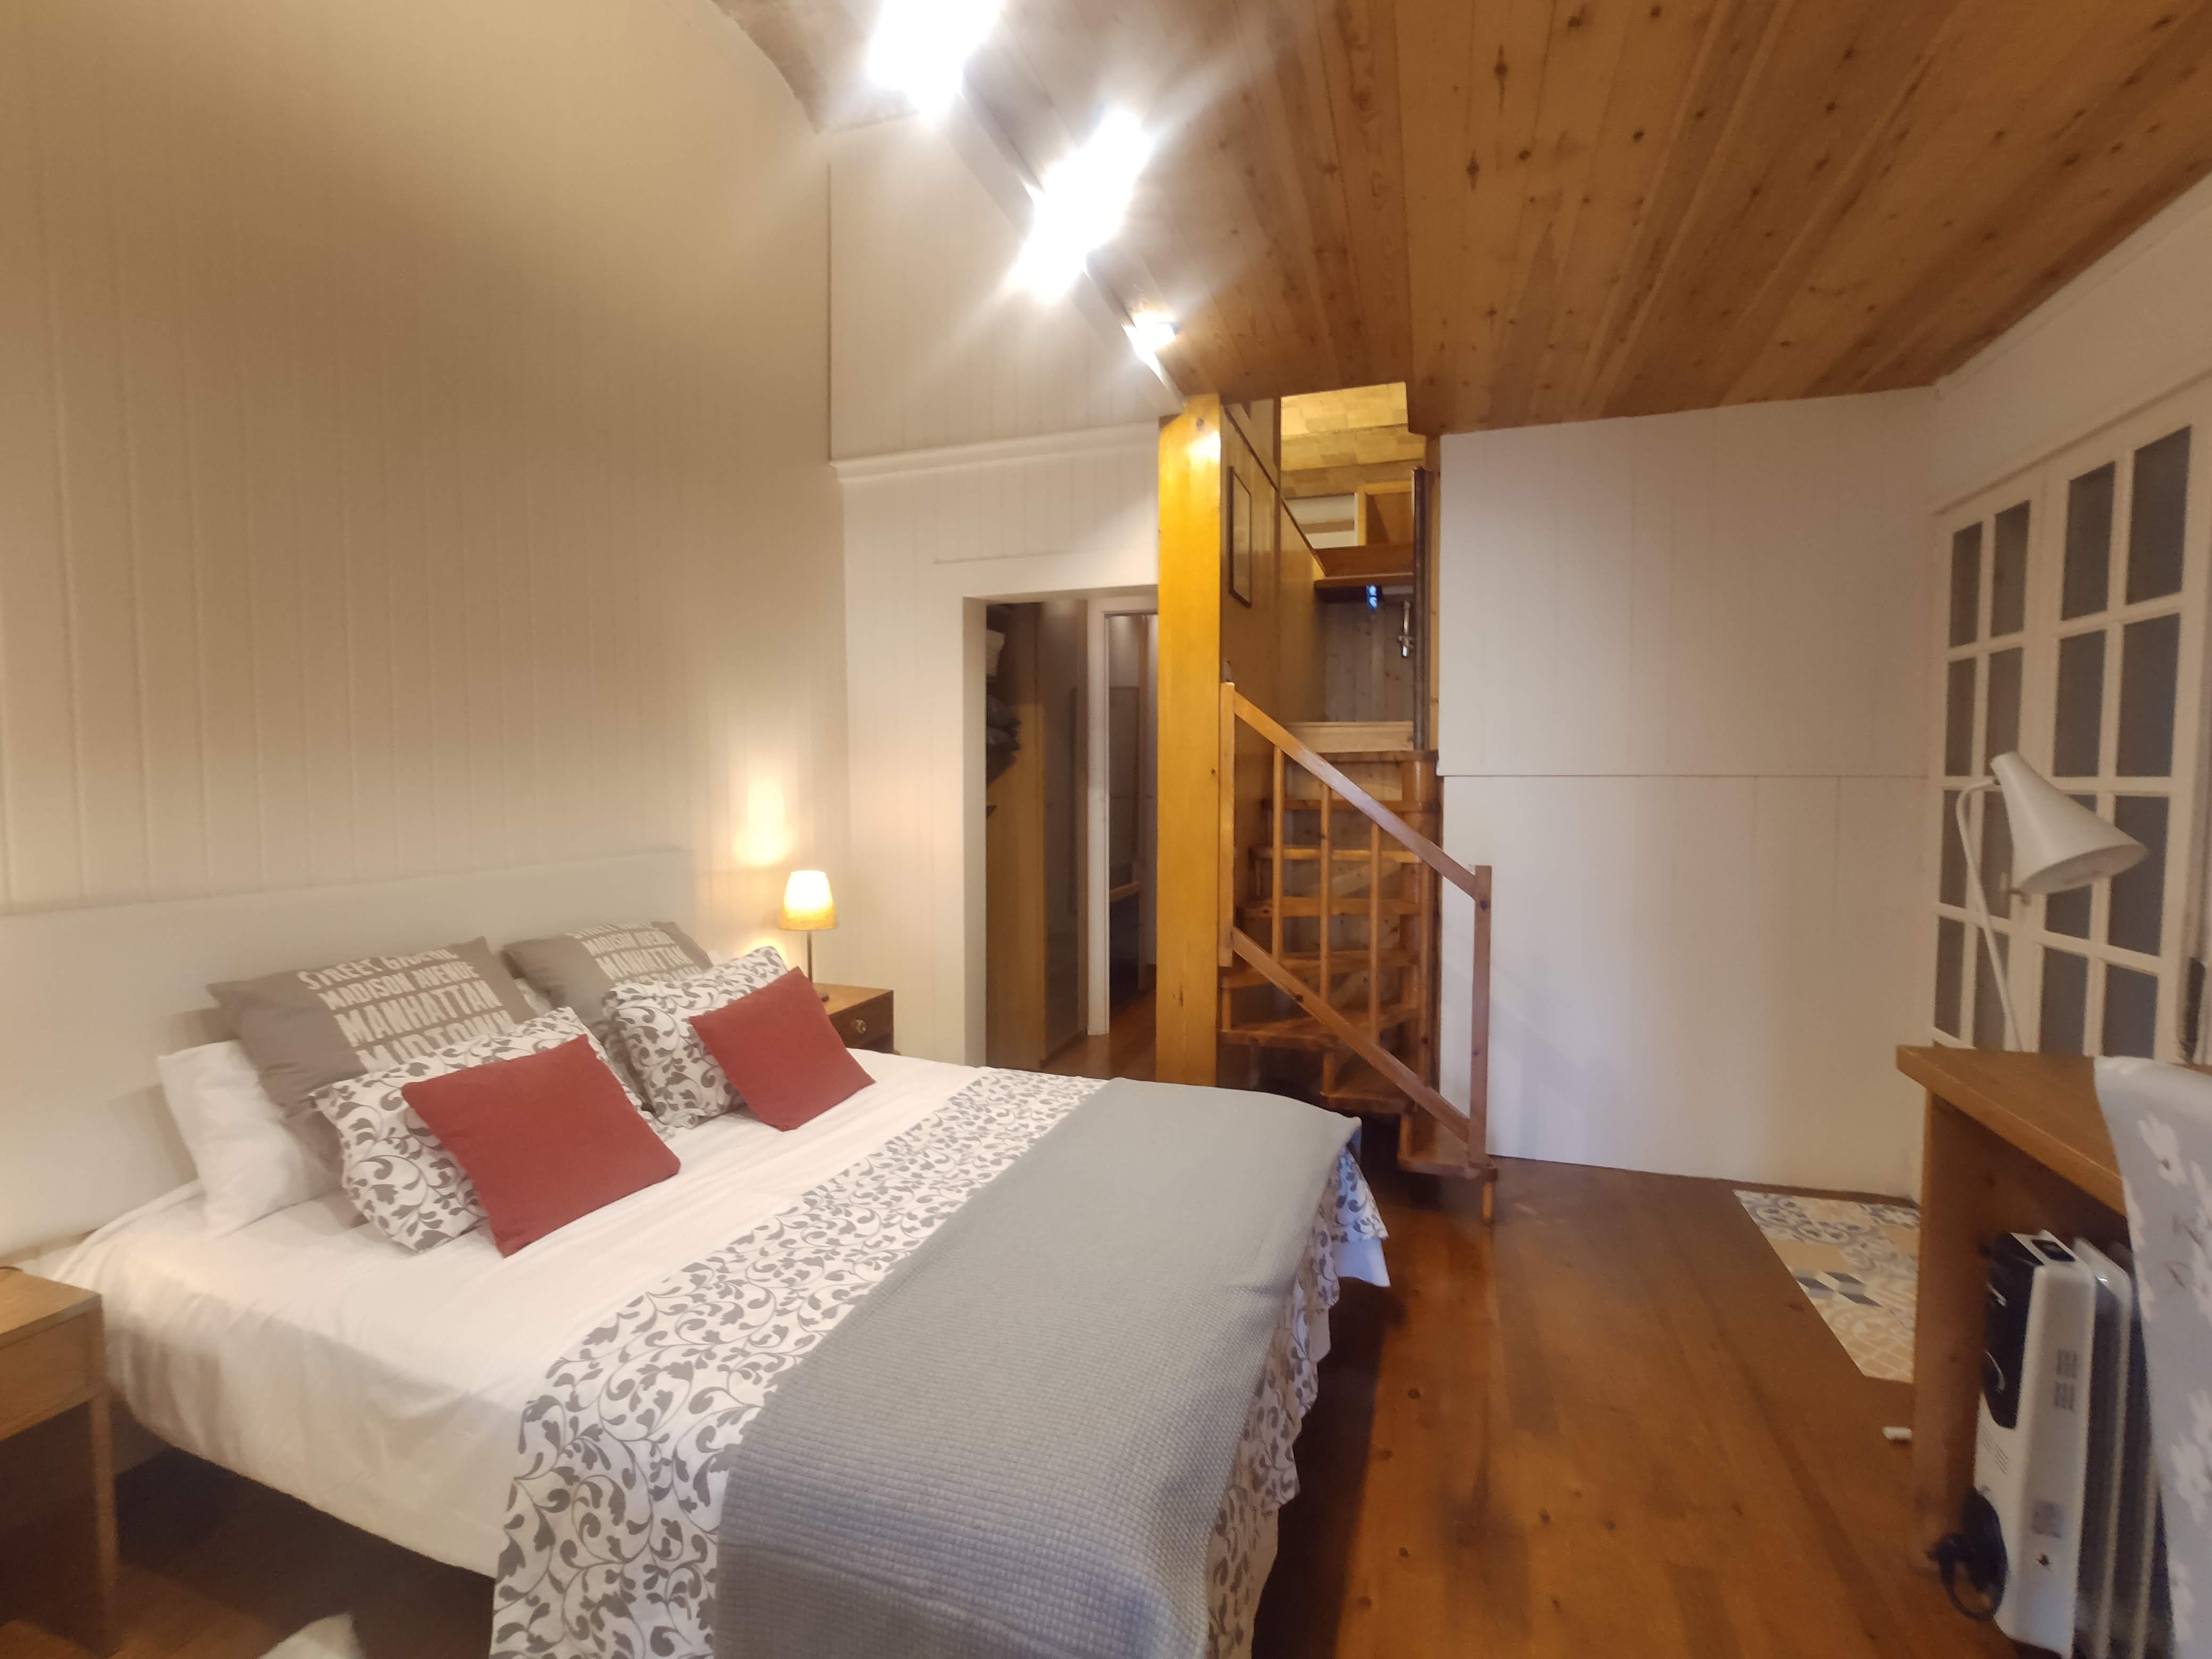 Piso en barcelona - eixample. 1 bedrooms. For sale: 295.000 €.